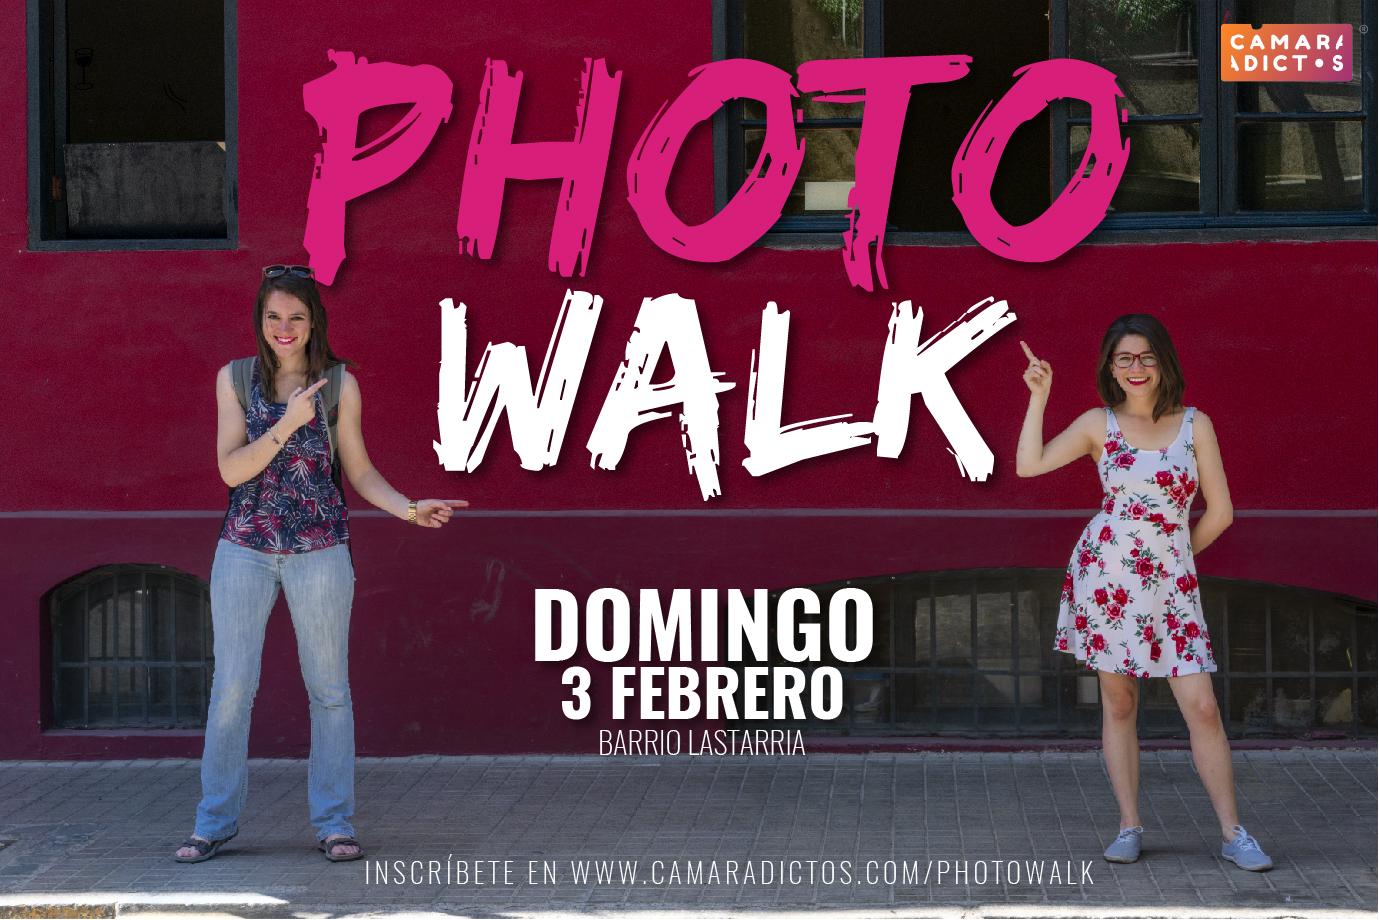 Photo Walk stgo nueva fecha-01.jpg